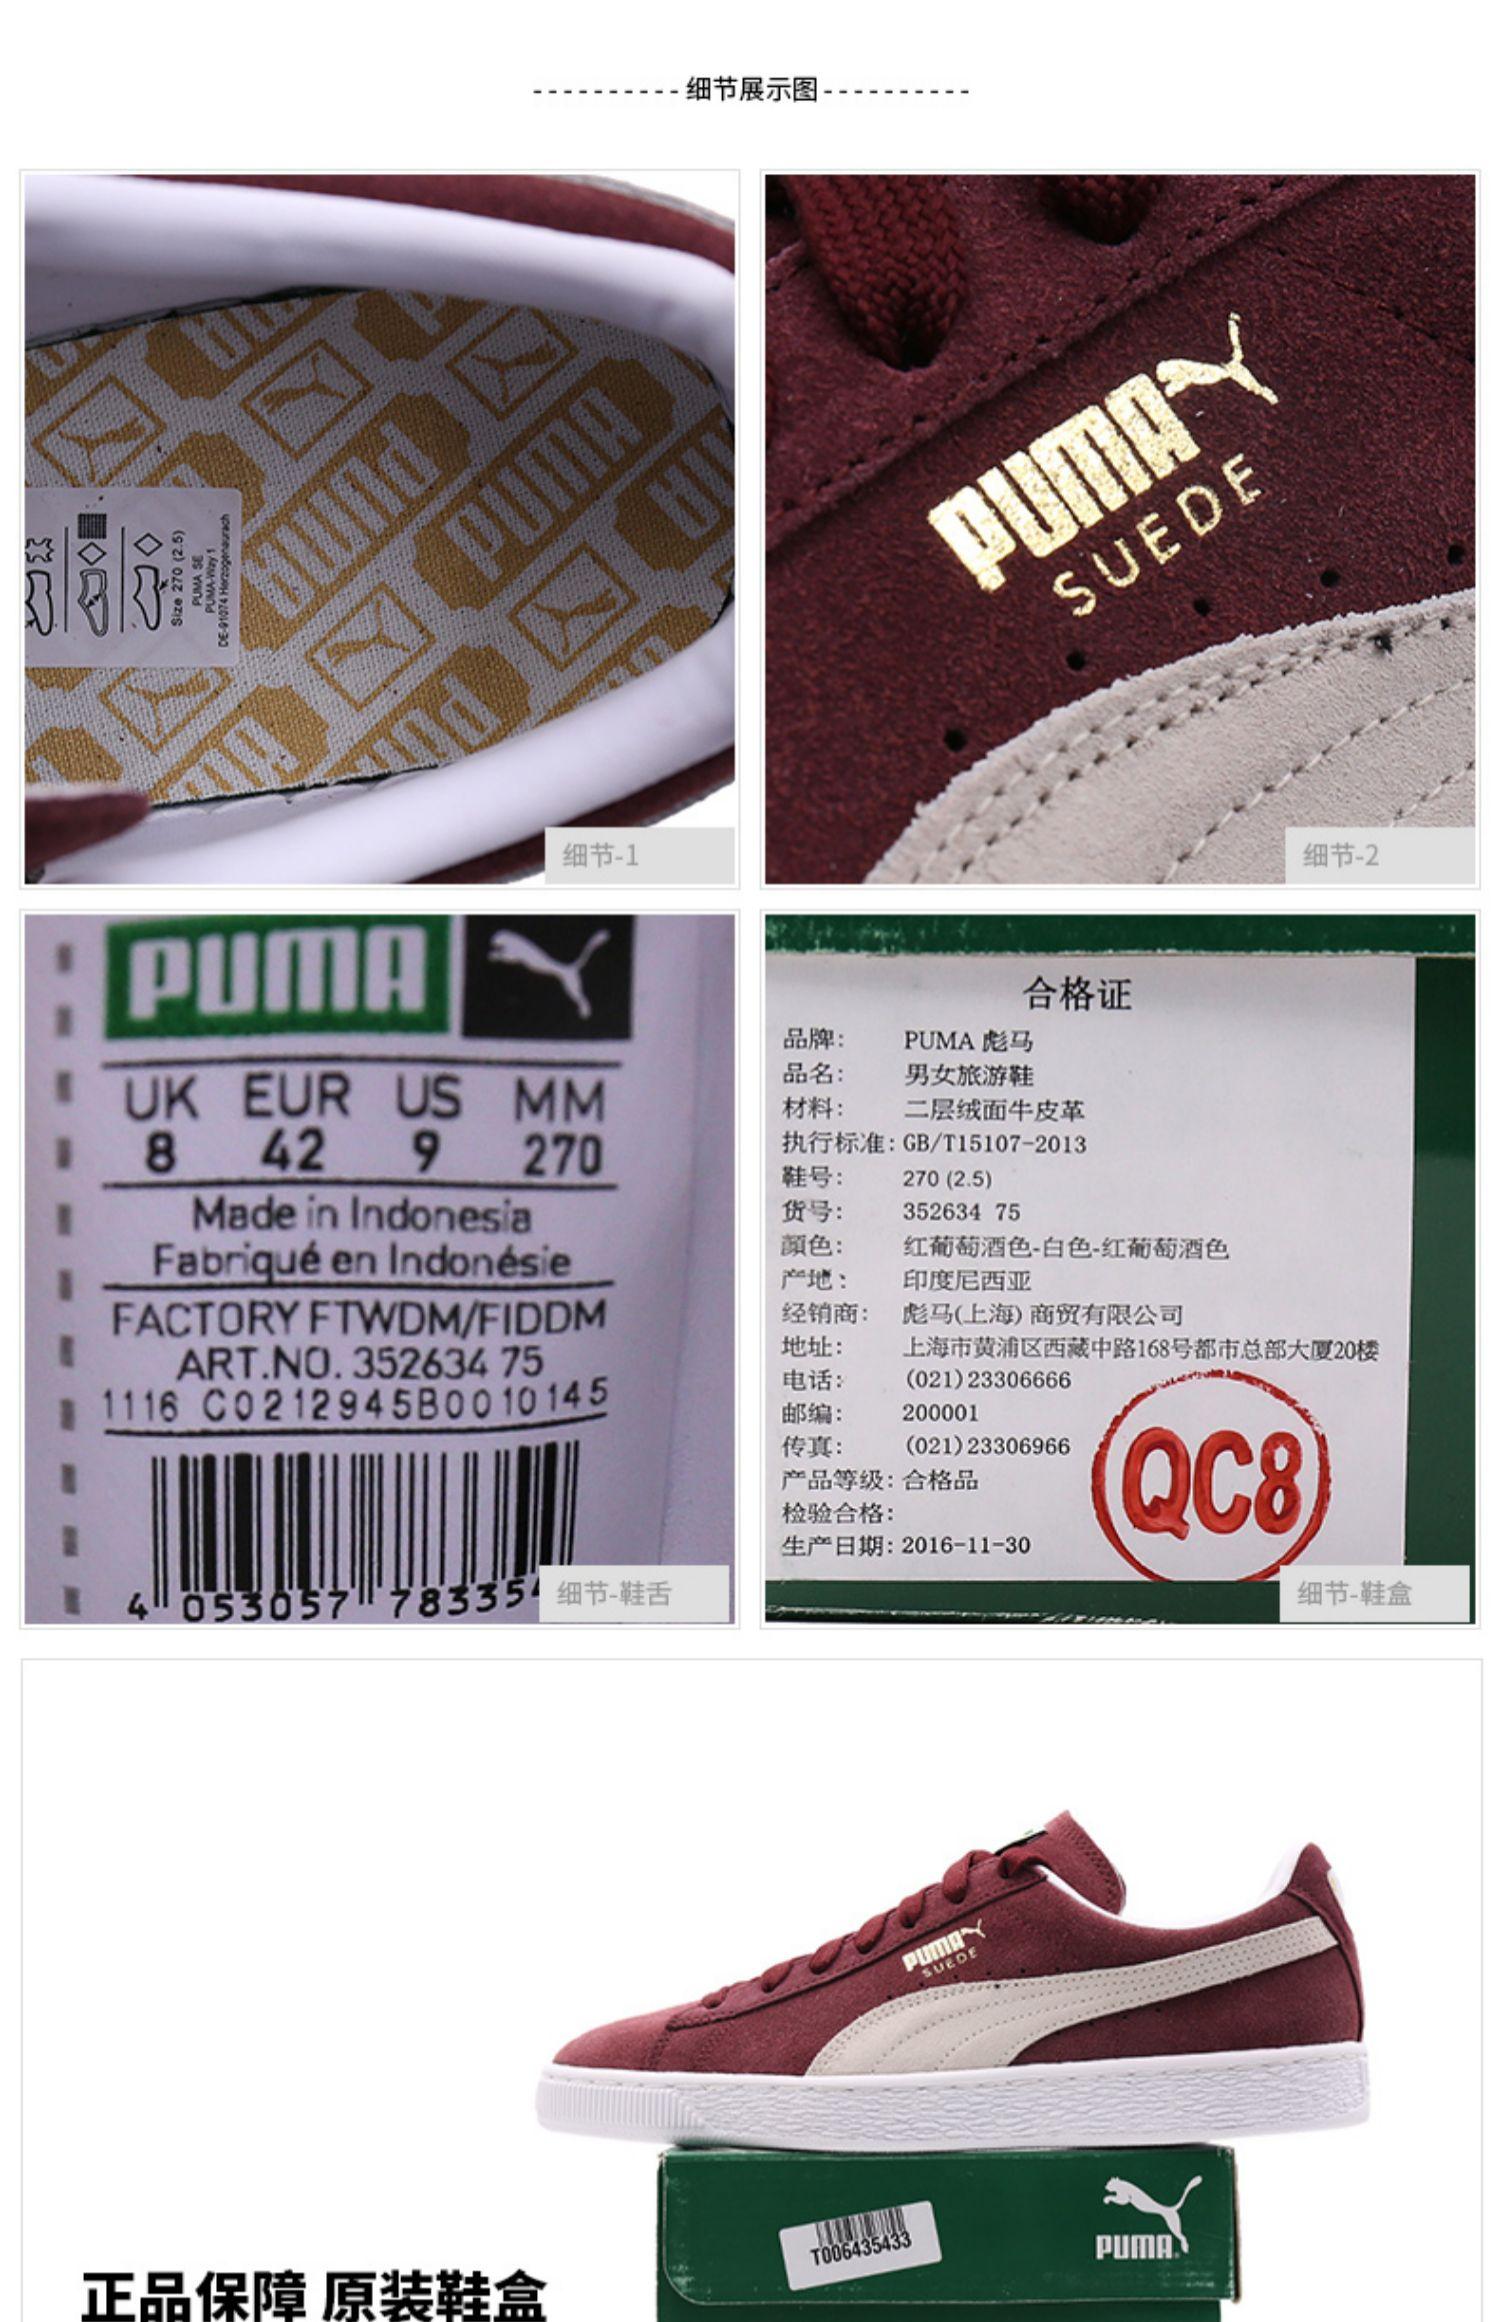 Puma彪马男鞋女鞋板鞋2019秋季Suede低帮保暖休闲鞋运动鞋352634商品详情图